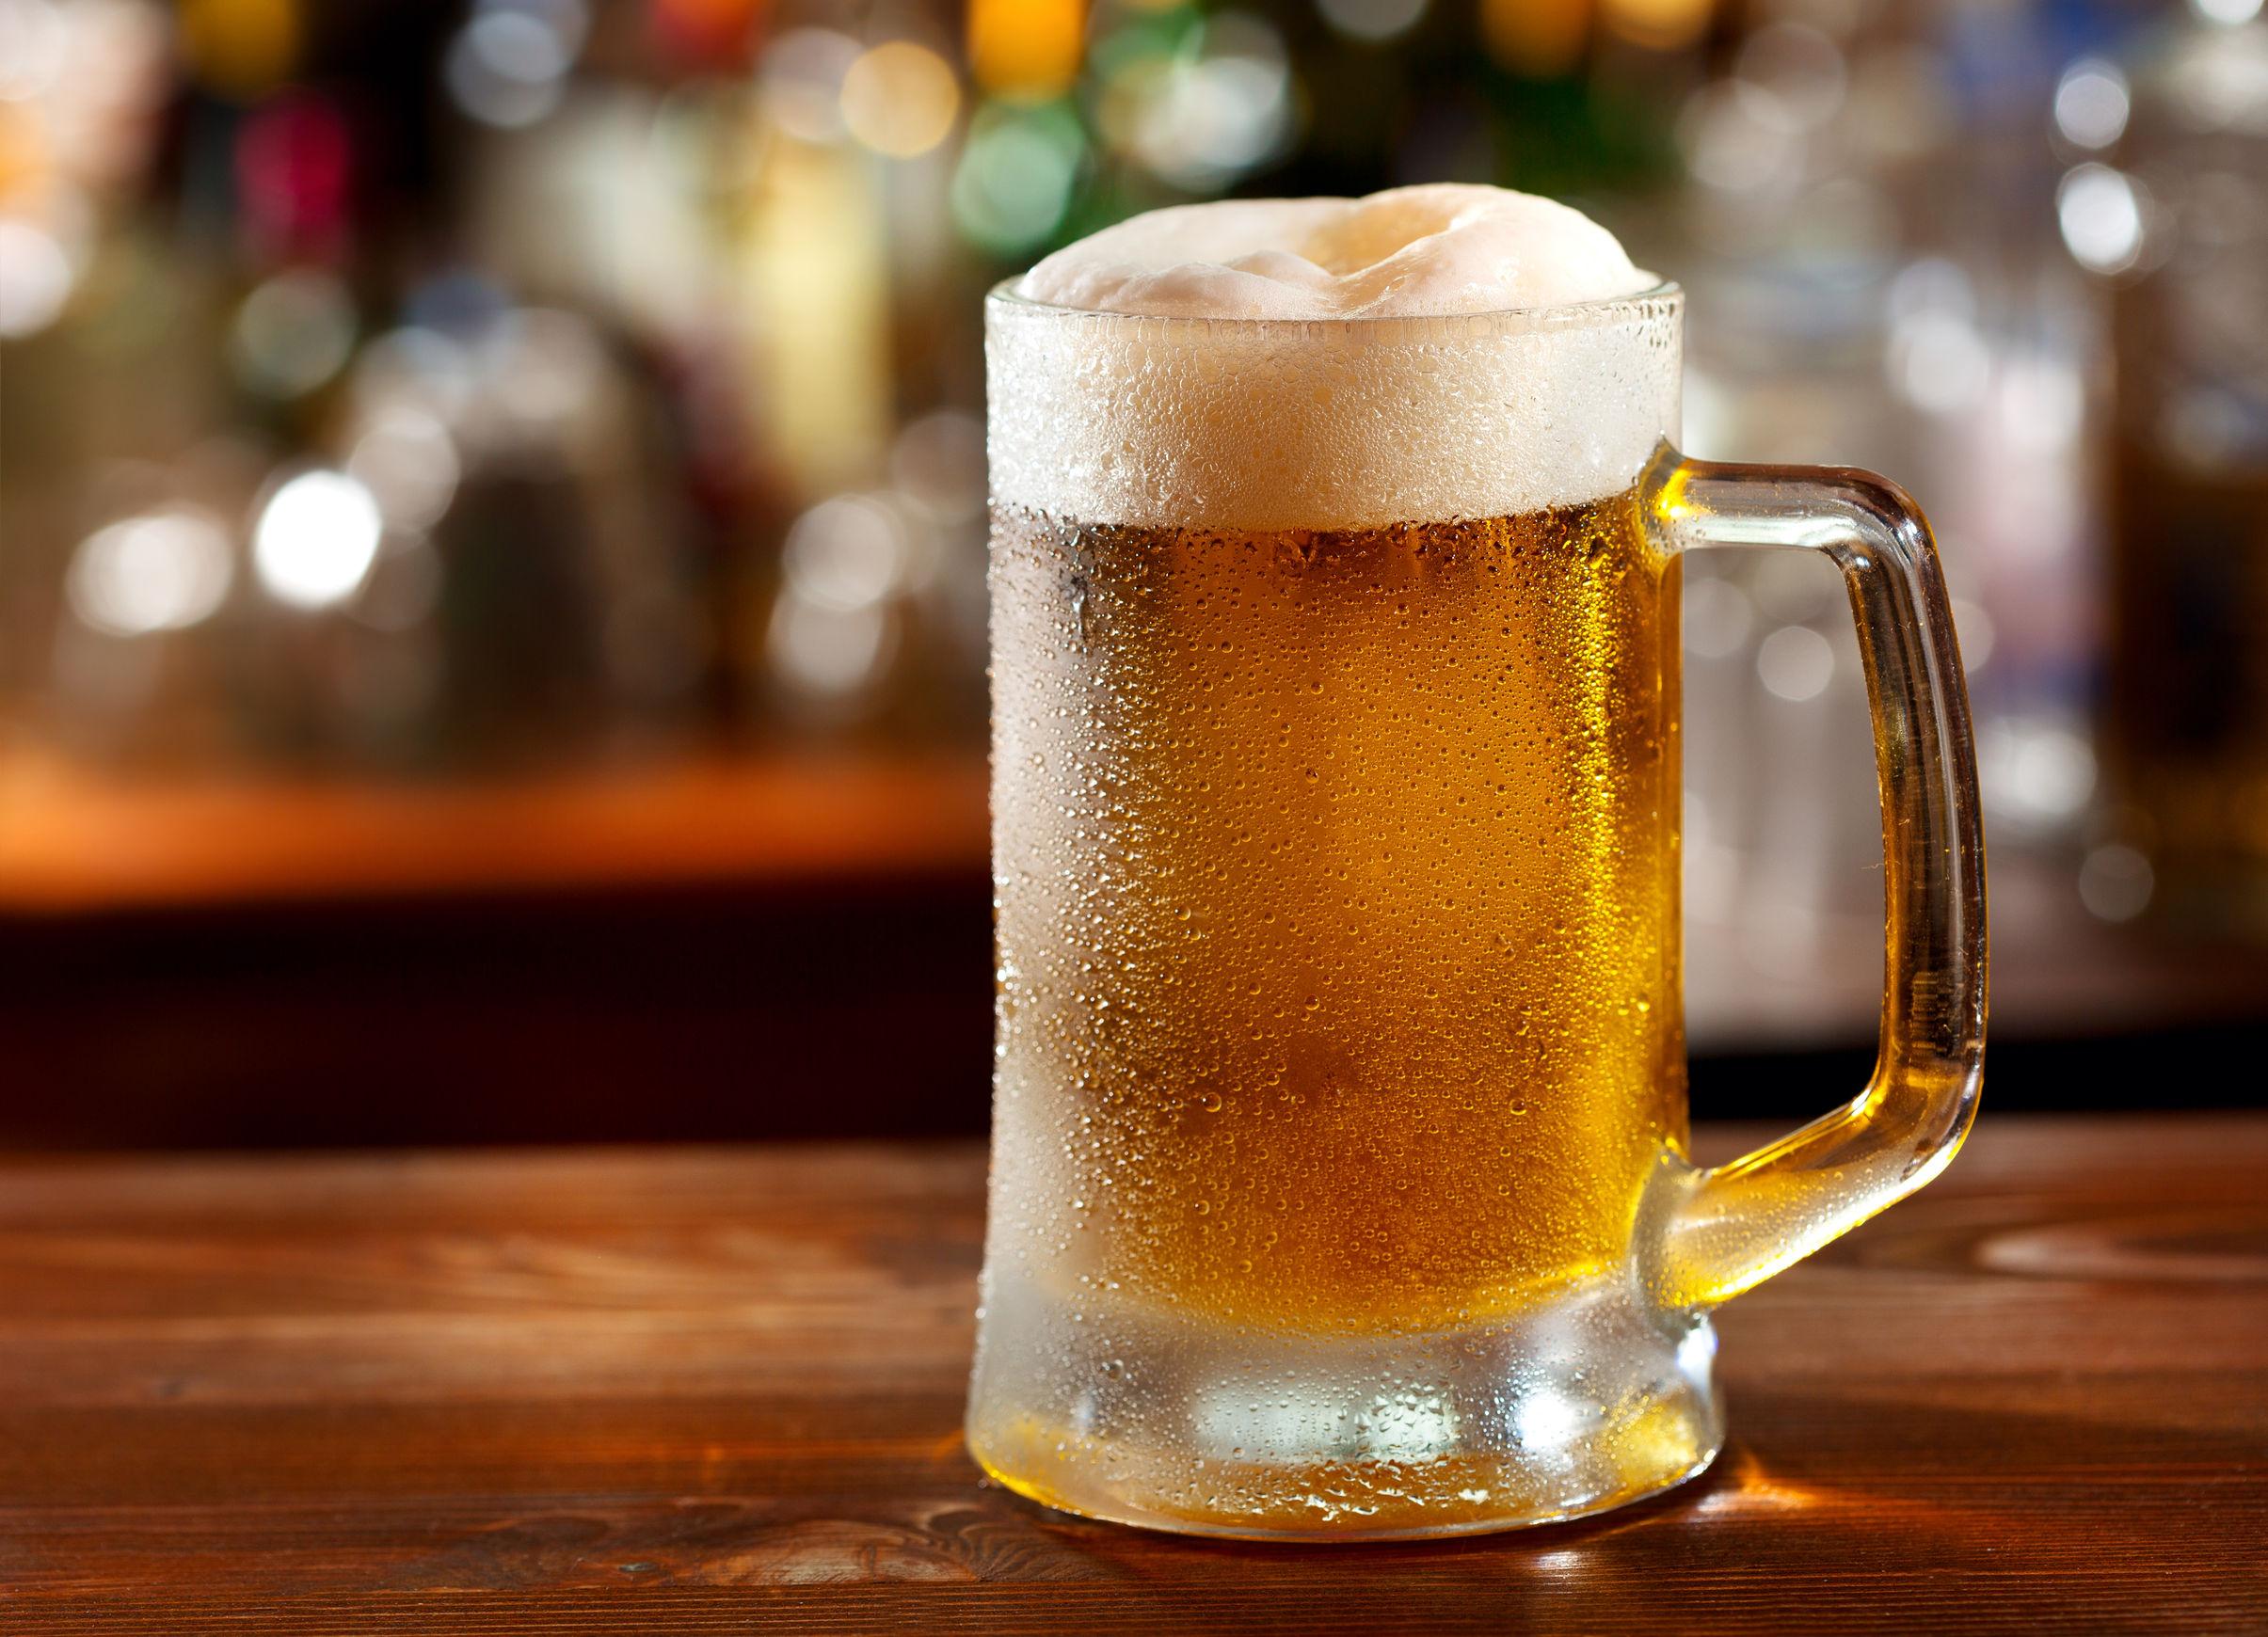 So gesund ist Bier wirklich Die wichtigsten Fakten